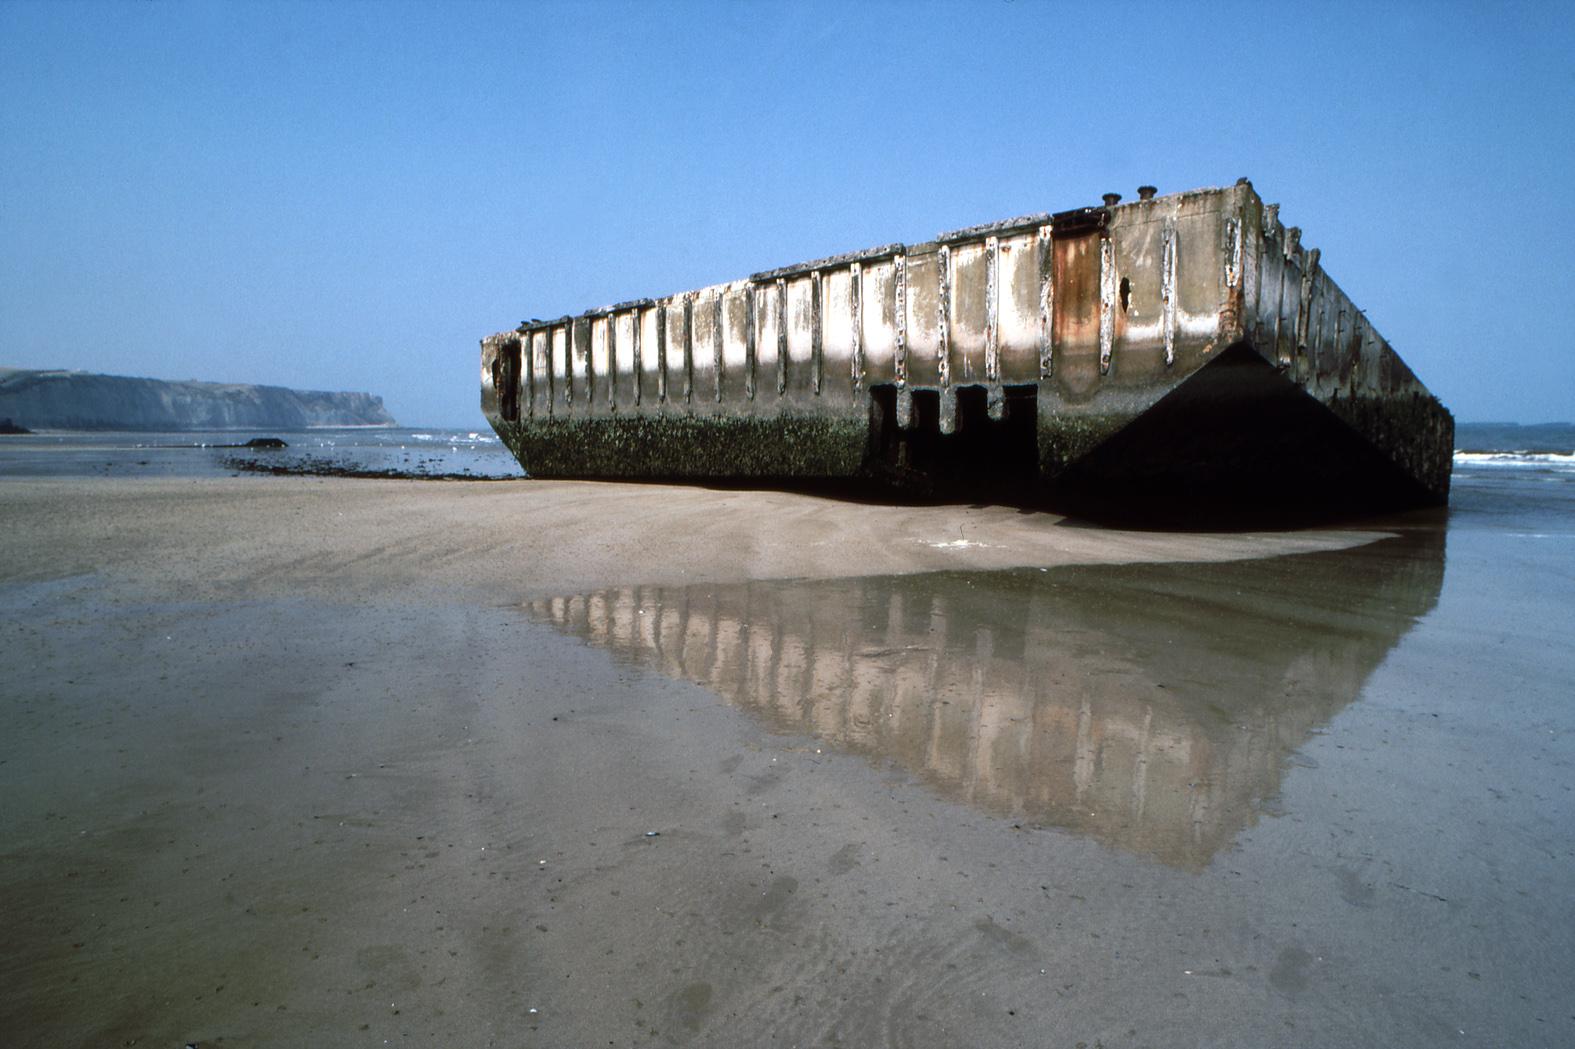 Файл arromanches mulberry harbour spud pier pontoon449 1 90